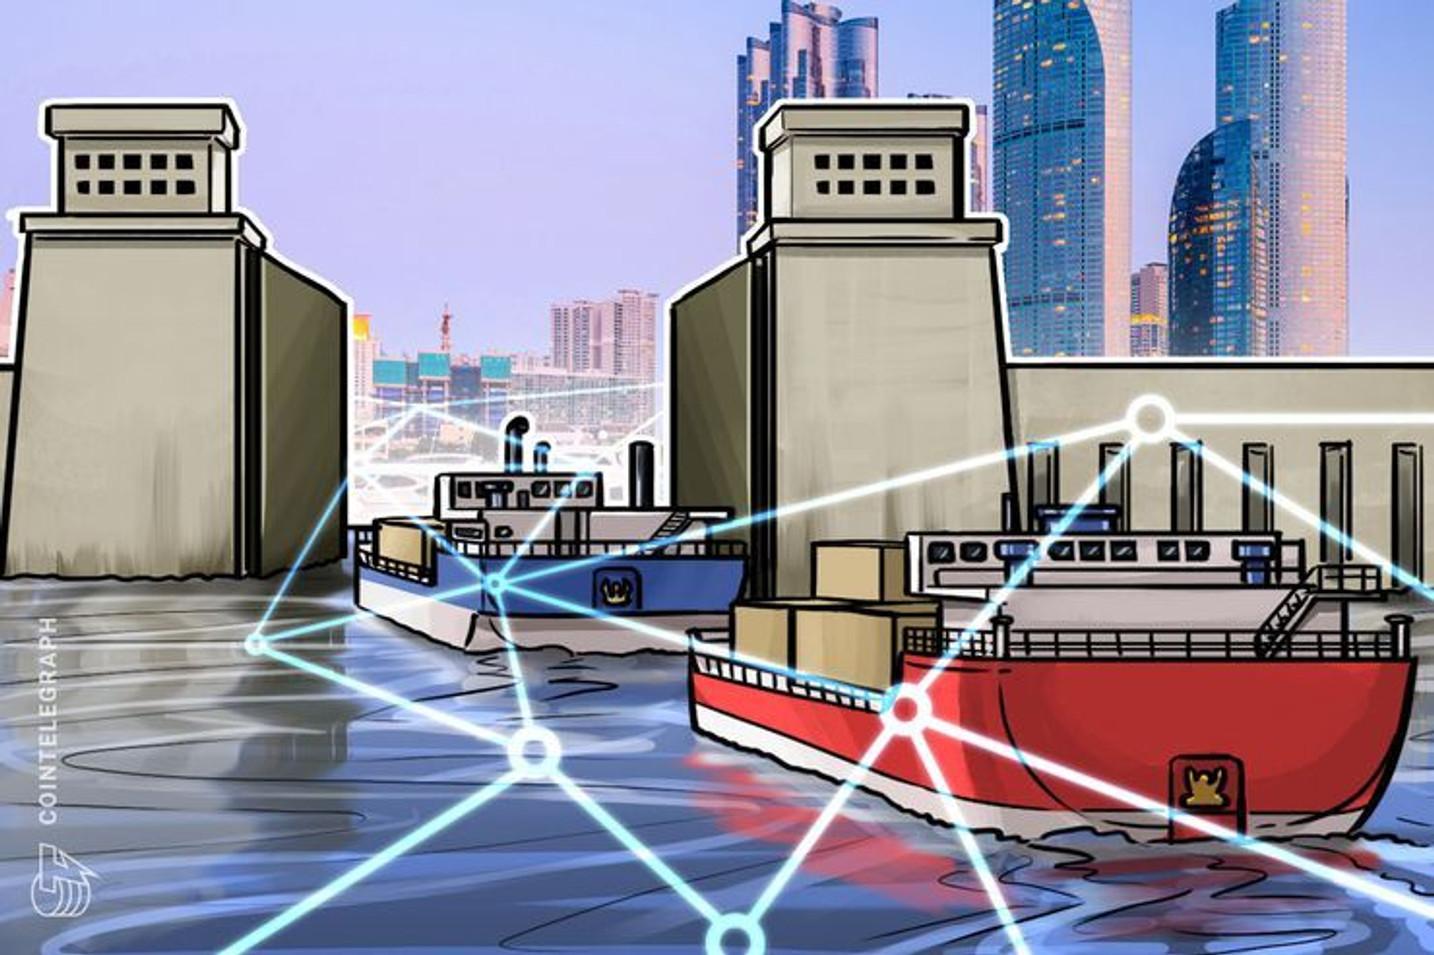 España: Brindarán un webinar sobre plataformas digitales y blockchain en logística portuaria